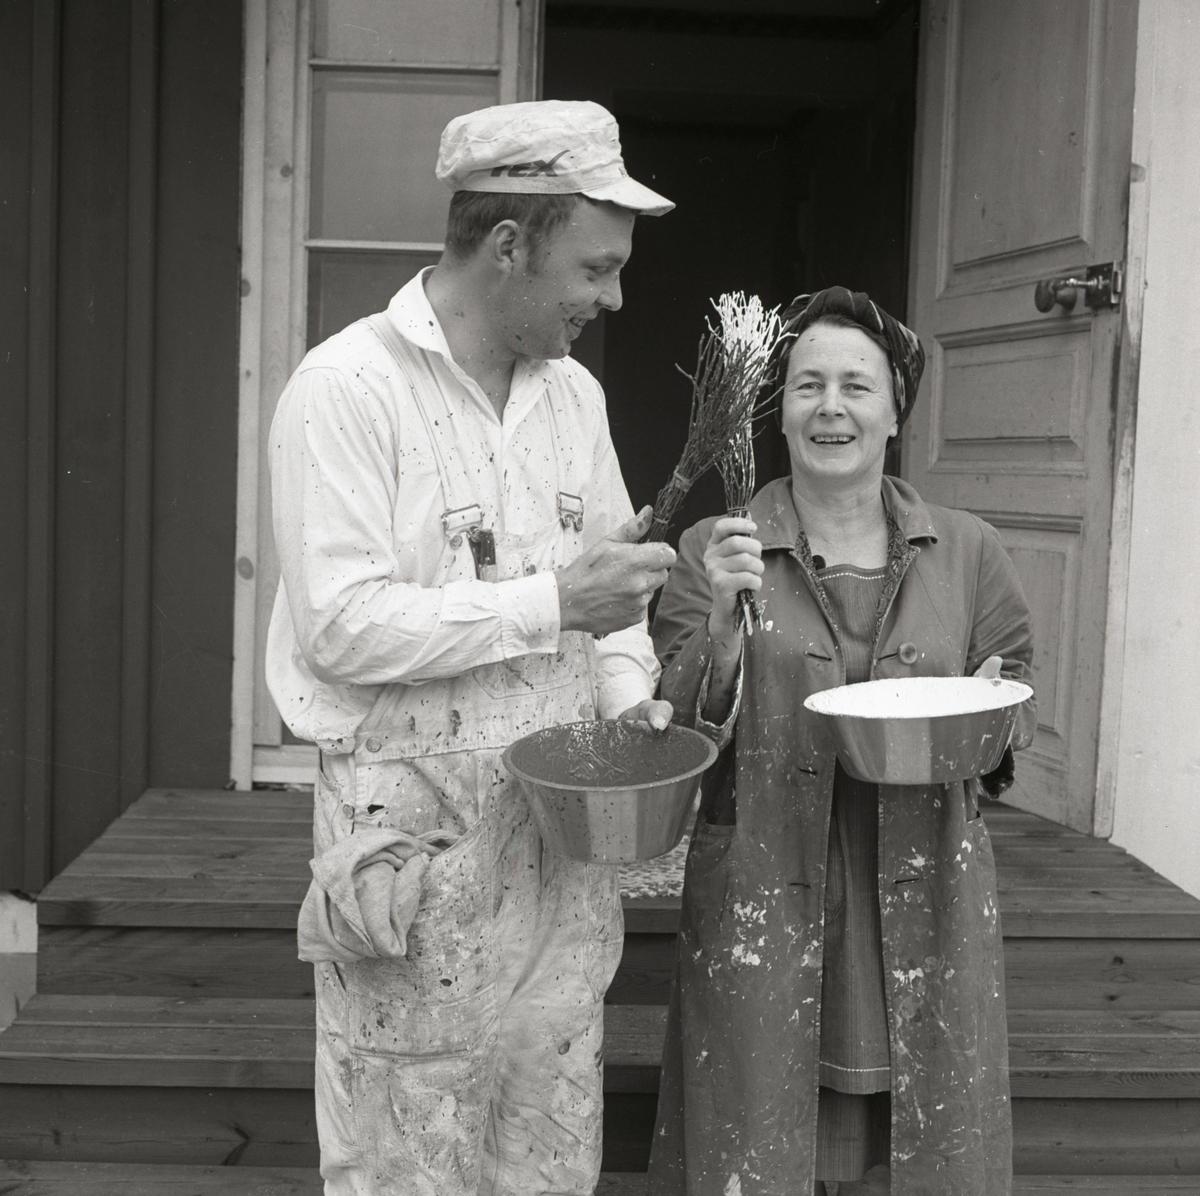 En kvinna och en man iförda målarkläder står framför en dörr och håller i en varsin borste, Sunnanåker 1967-68.